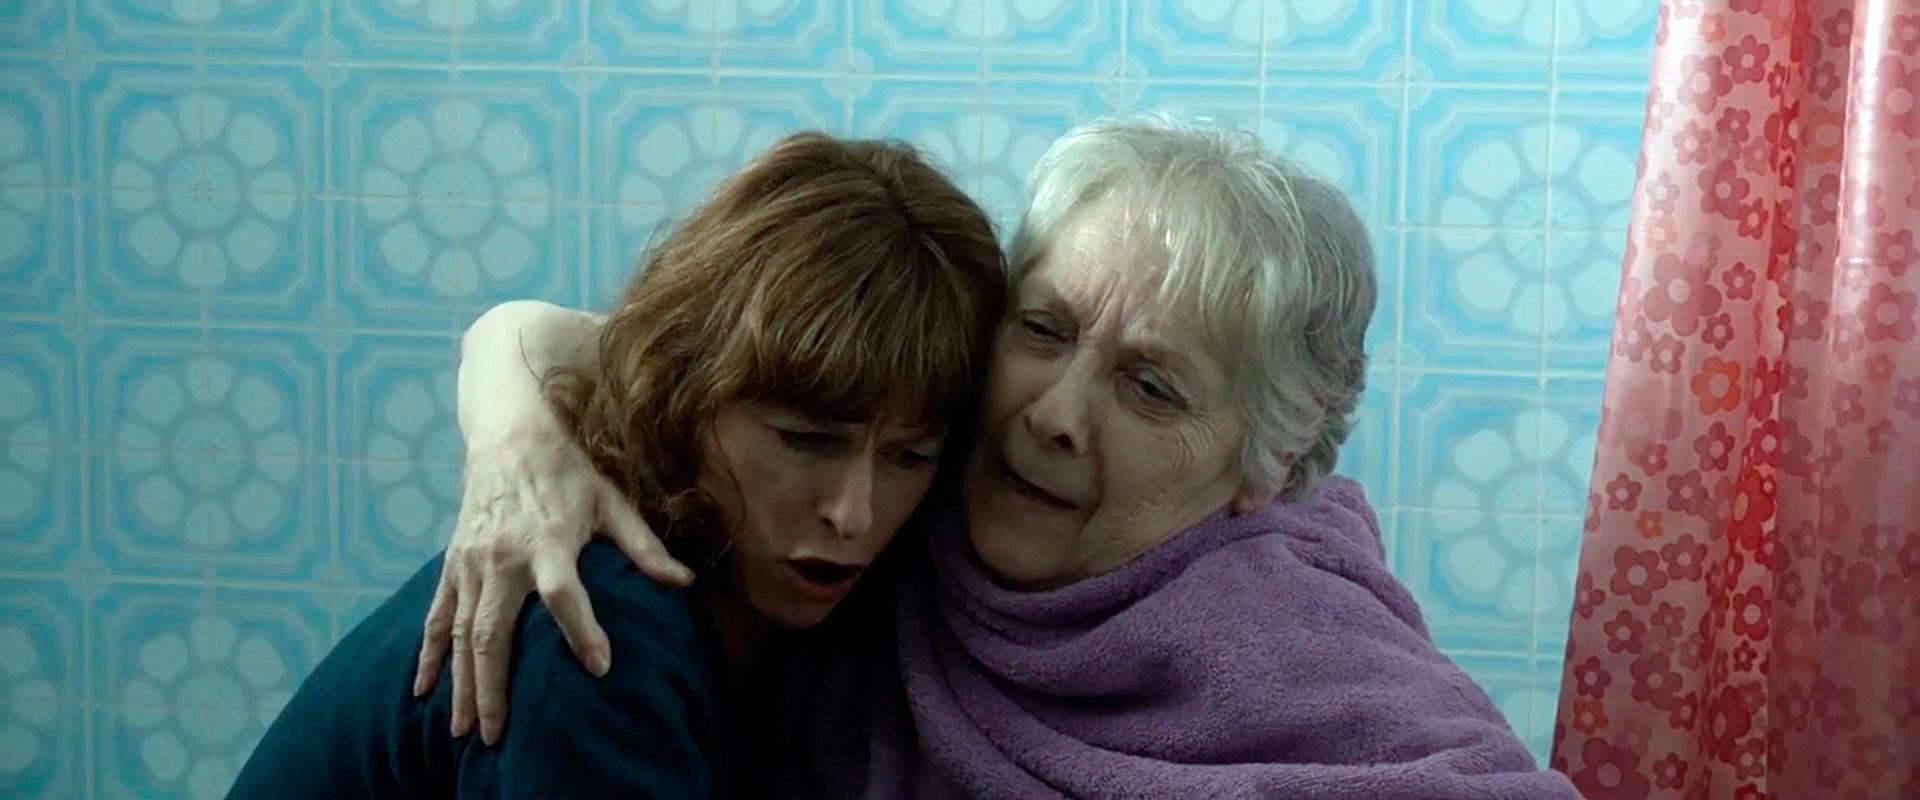 Лулу - обнажённая женщина / Скитания Люлю / Lulu femme nue (Сольвейг Анспах 2013)